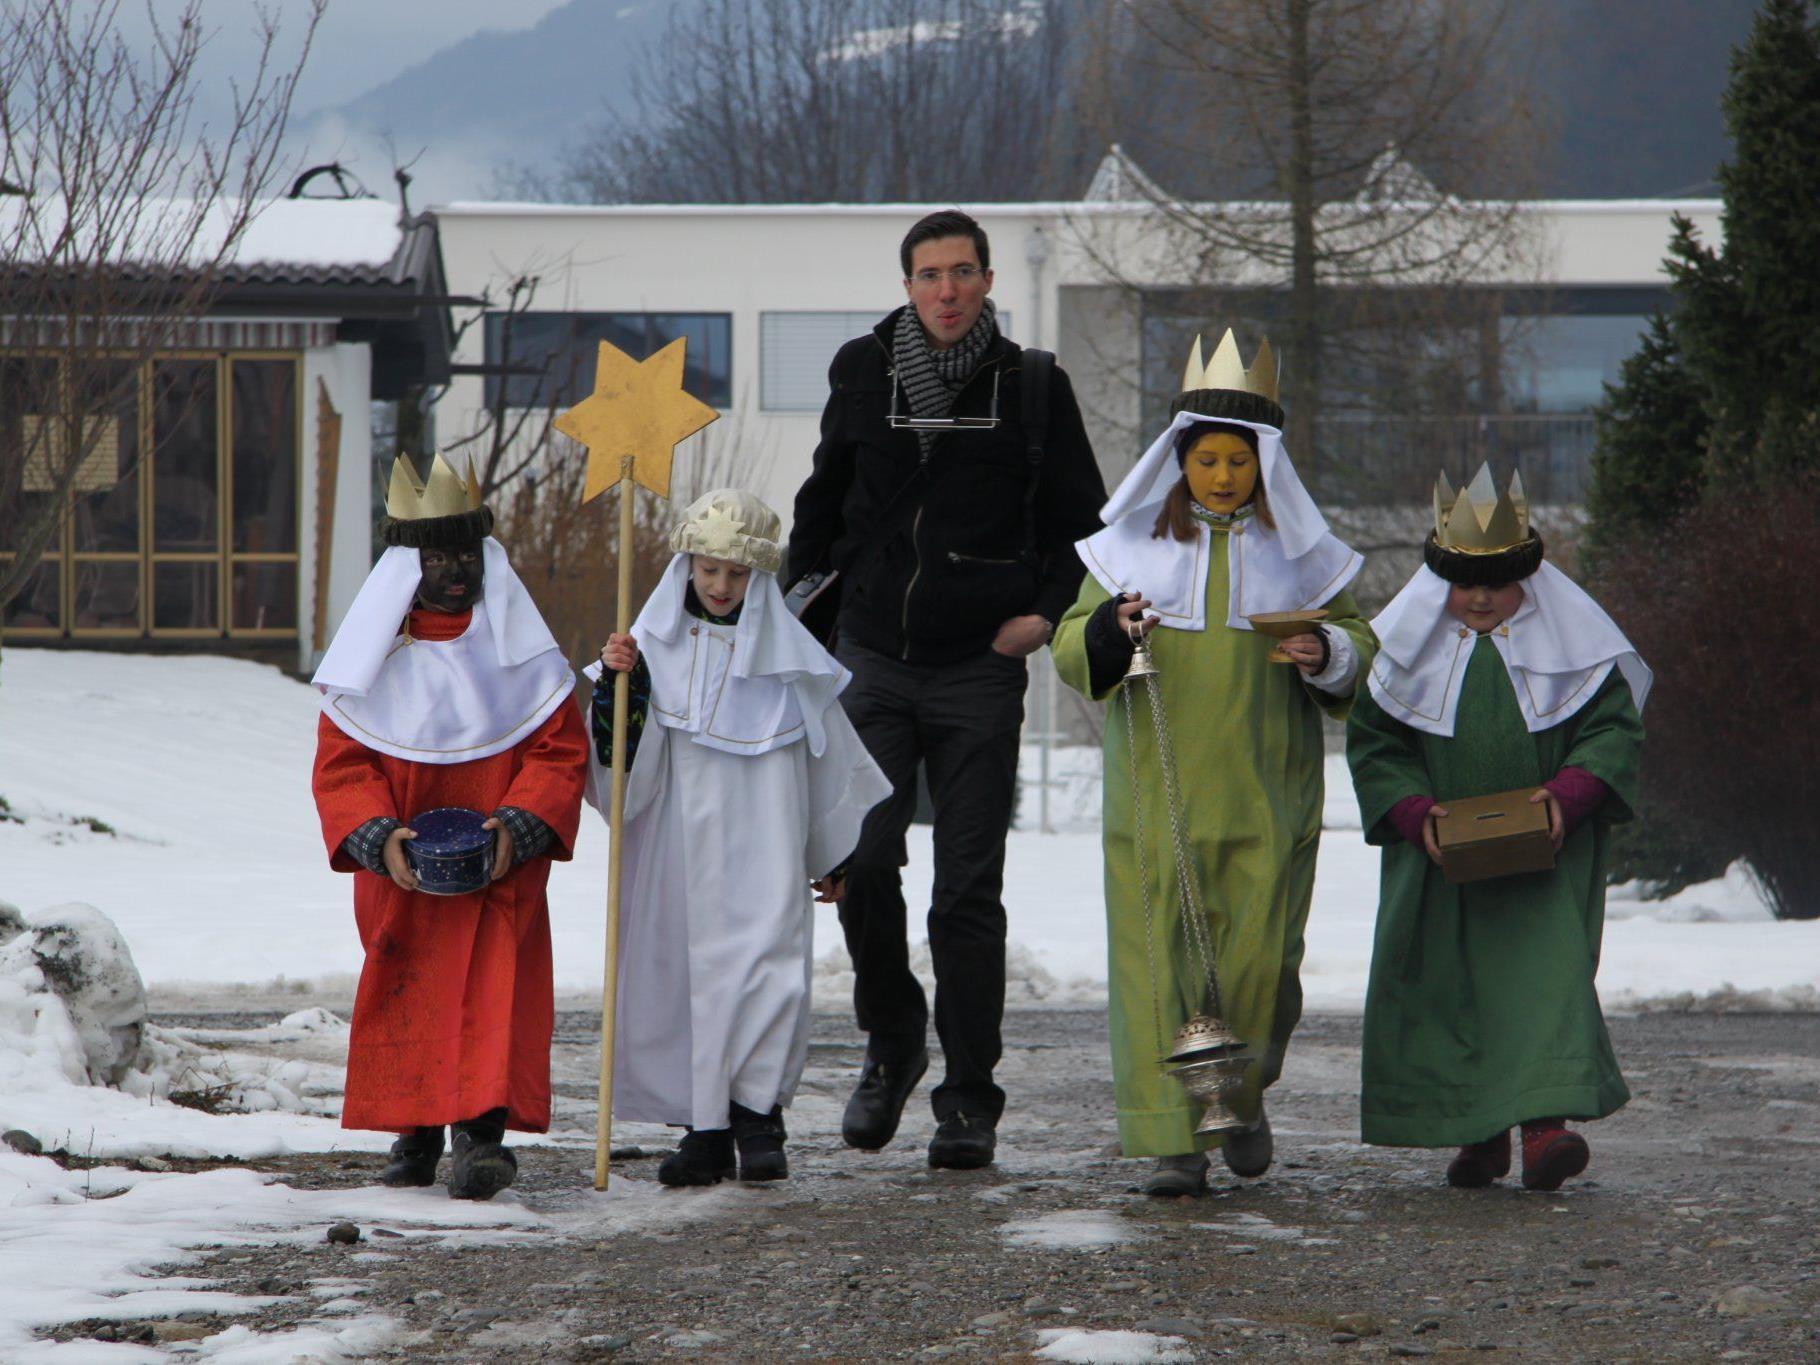 Die Sternsinger sind wieder im Rahmen der Drei-Königs-Aktion unterwegs